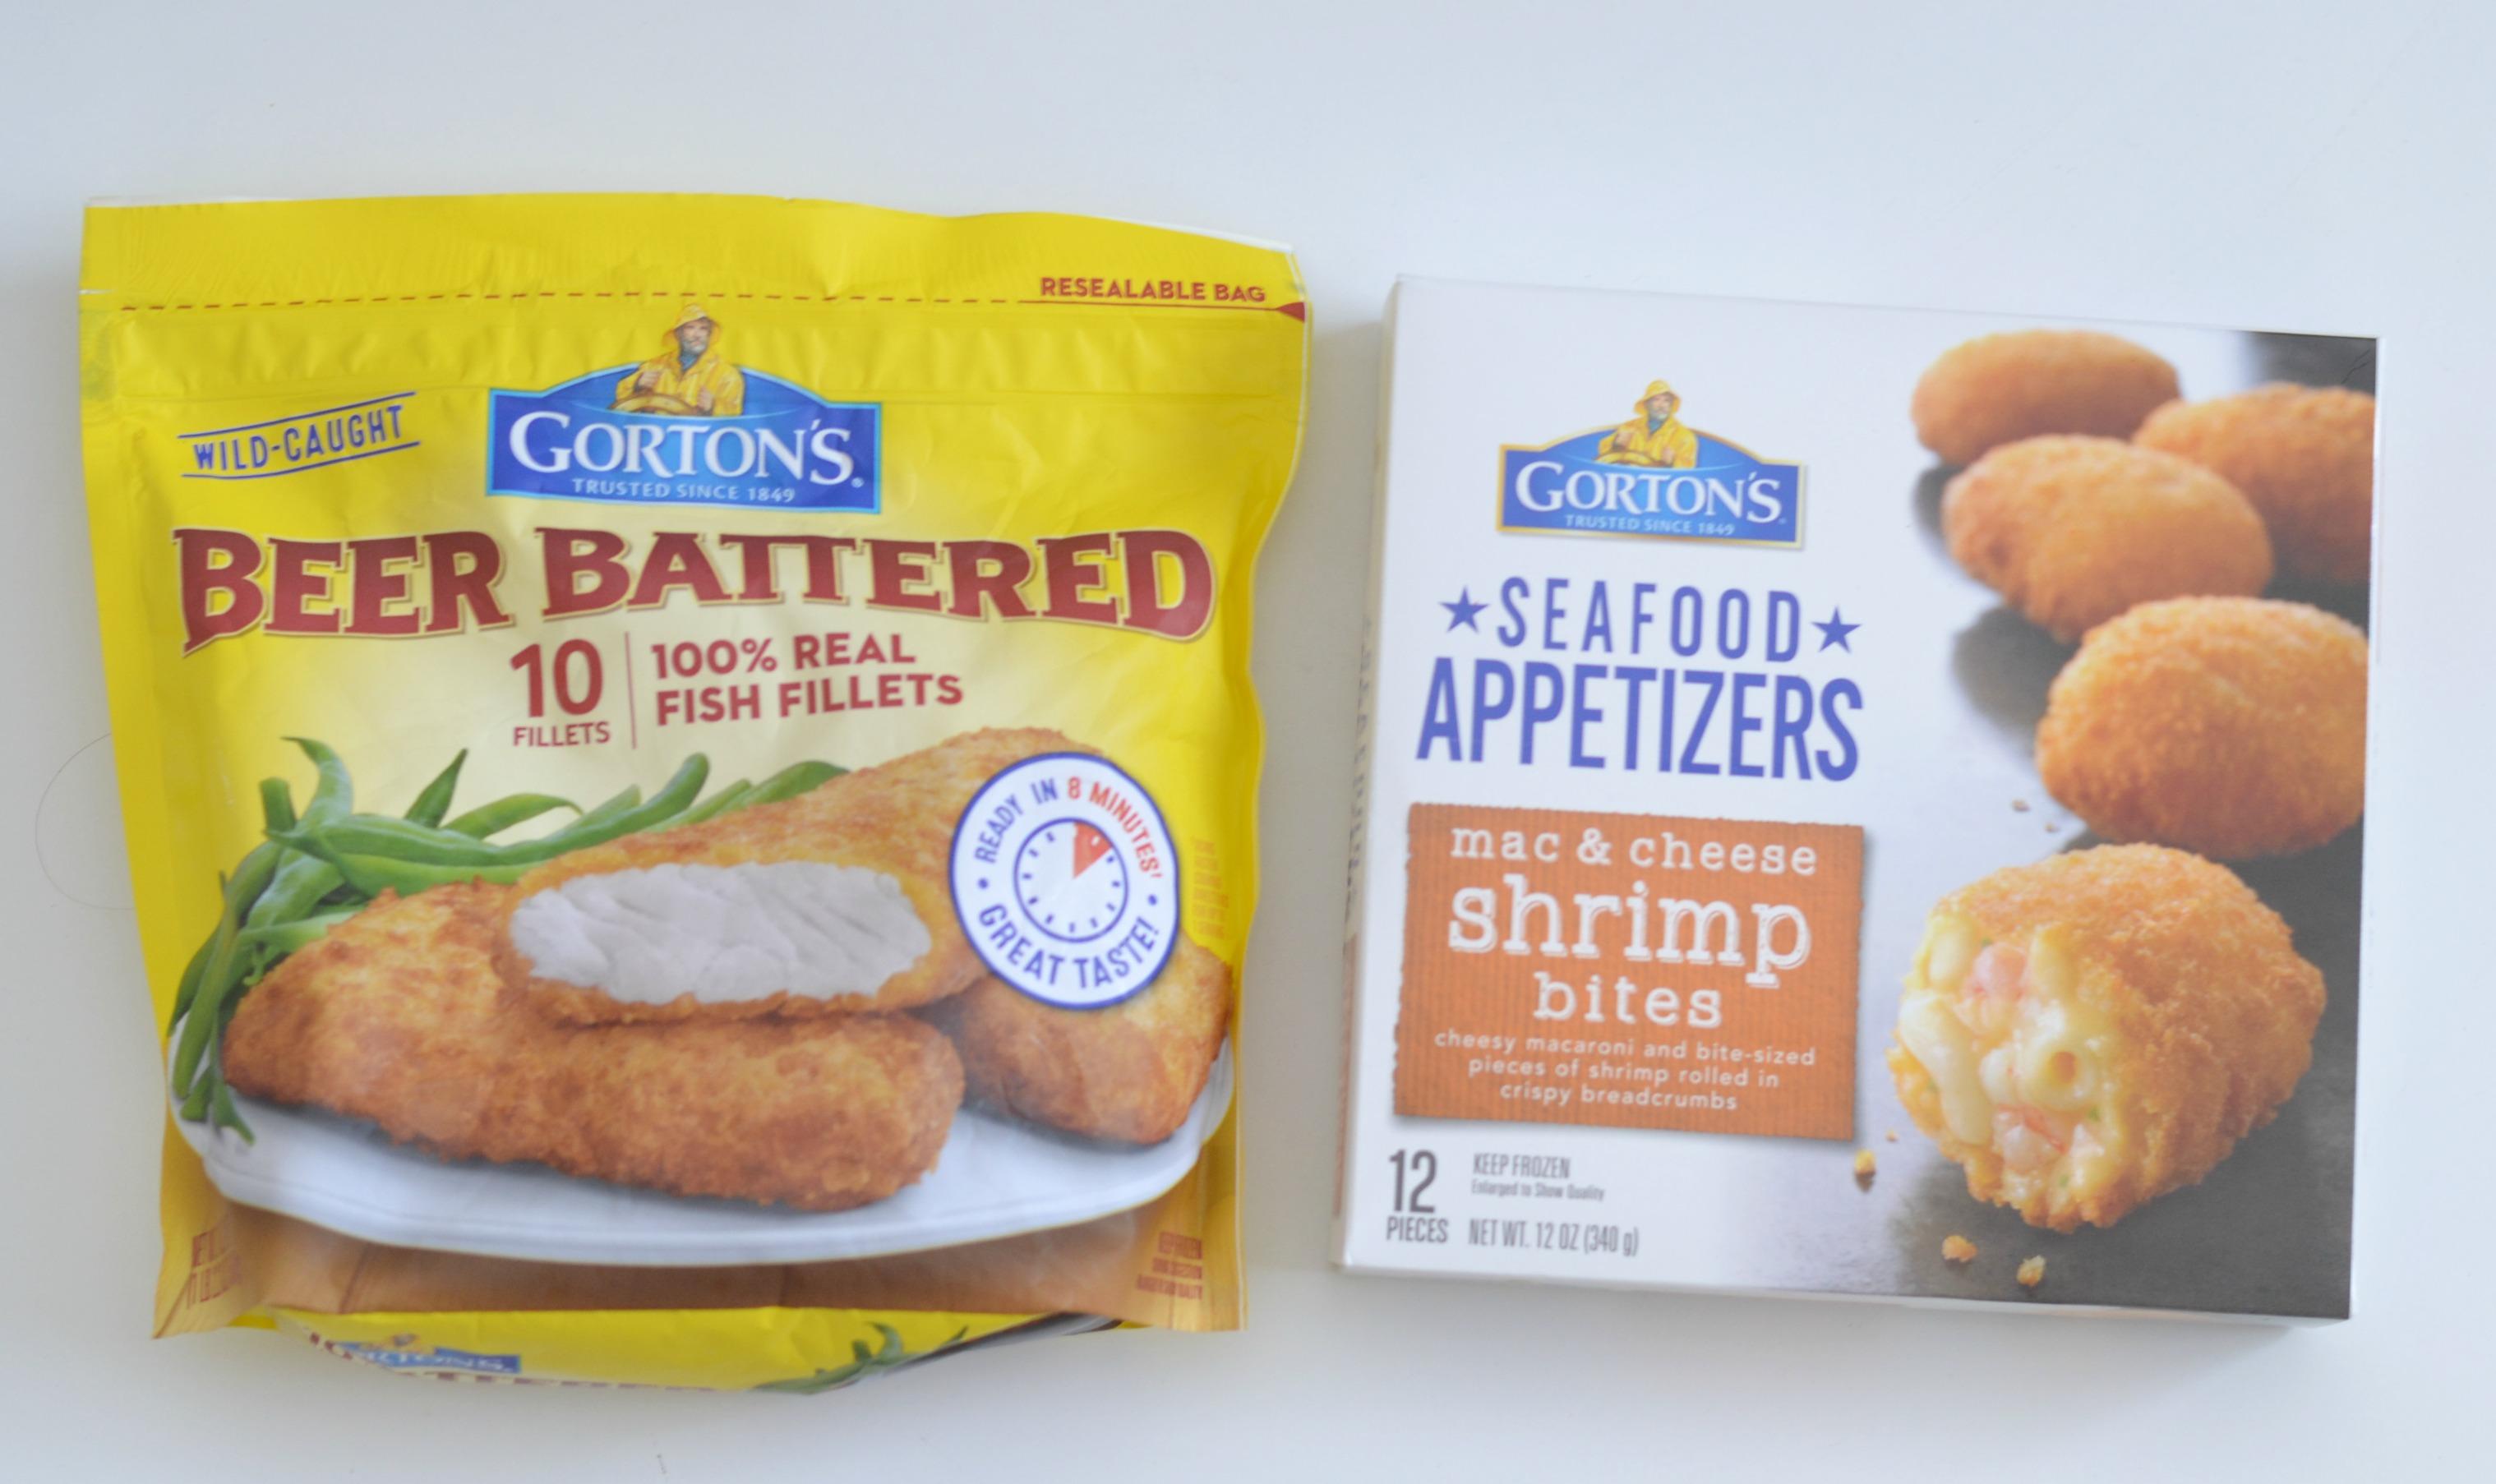 Shrimp Appetizer ideas, Gorton's Seafood Appetizers - Mac n Cheese Shrimp Bites, Easy Fish Parmesan Casserole, lent options for dinner